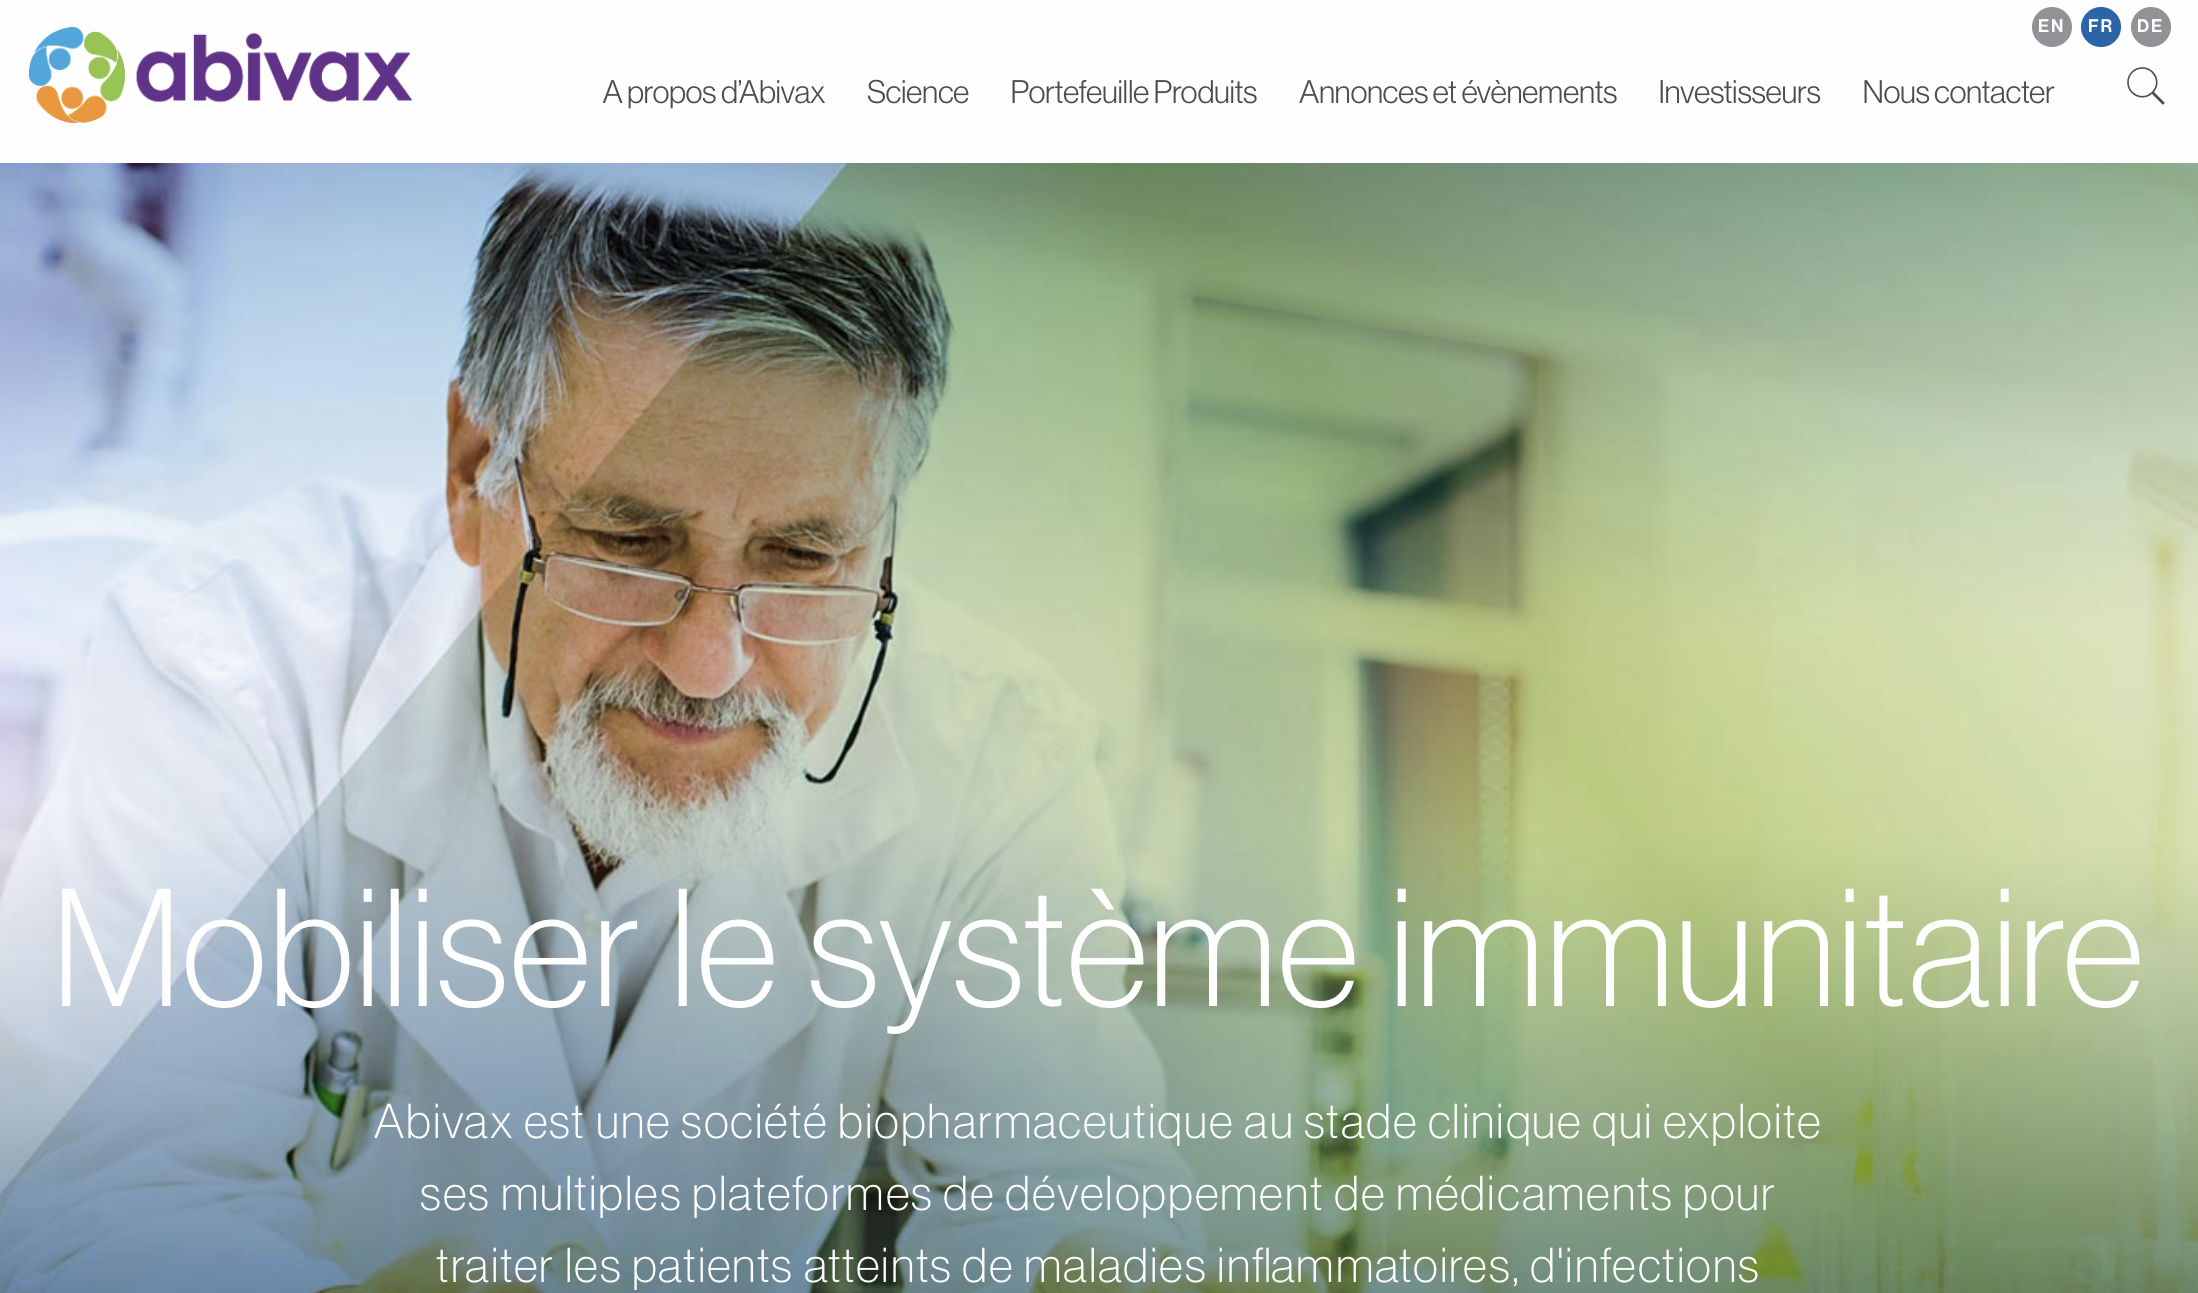 Les autorités sanitaires françaises (ANSM) et le Comité d'Ethique français (CPP) viennent de donner à l'entreprise biotechnologique Abivax, basée à Montpellier et à Paris, l'autorisation de lancer une étude clinique avec ABX464 pour lutter contre le Covid-19. Cette molécule offrirait un triple effet : anti-viral, anti-inflammatoire et permettant la réparation tissulaire.